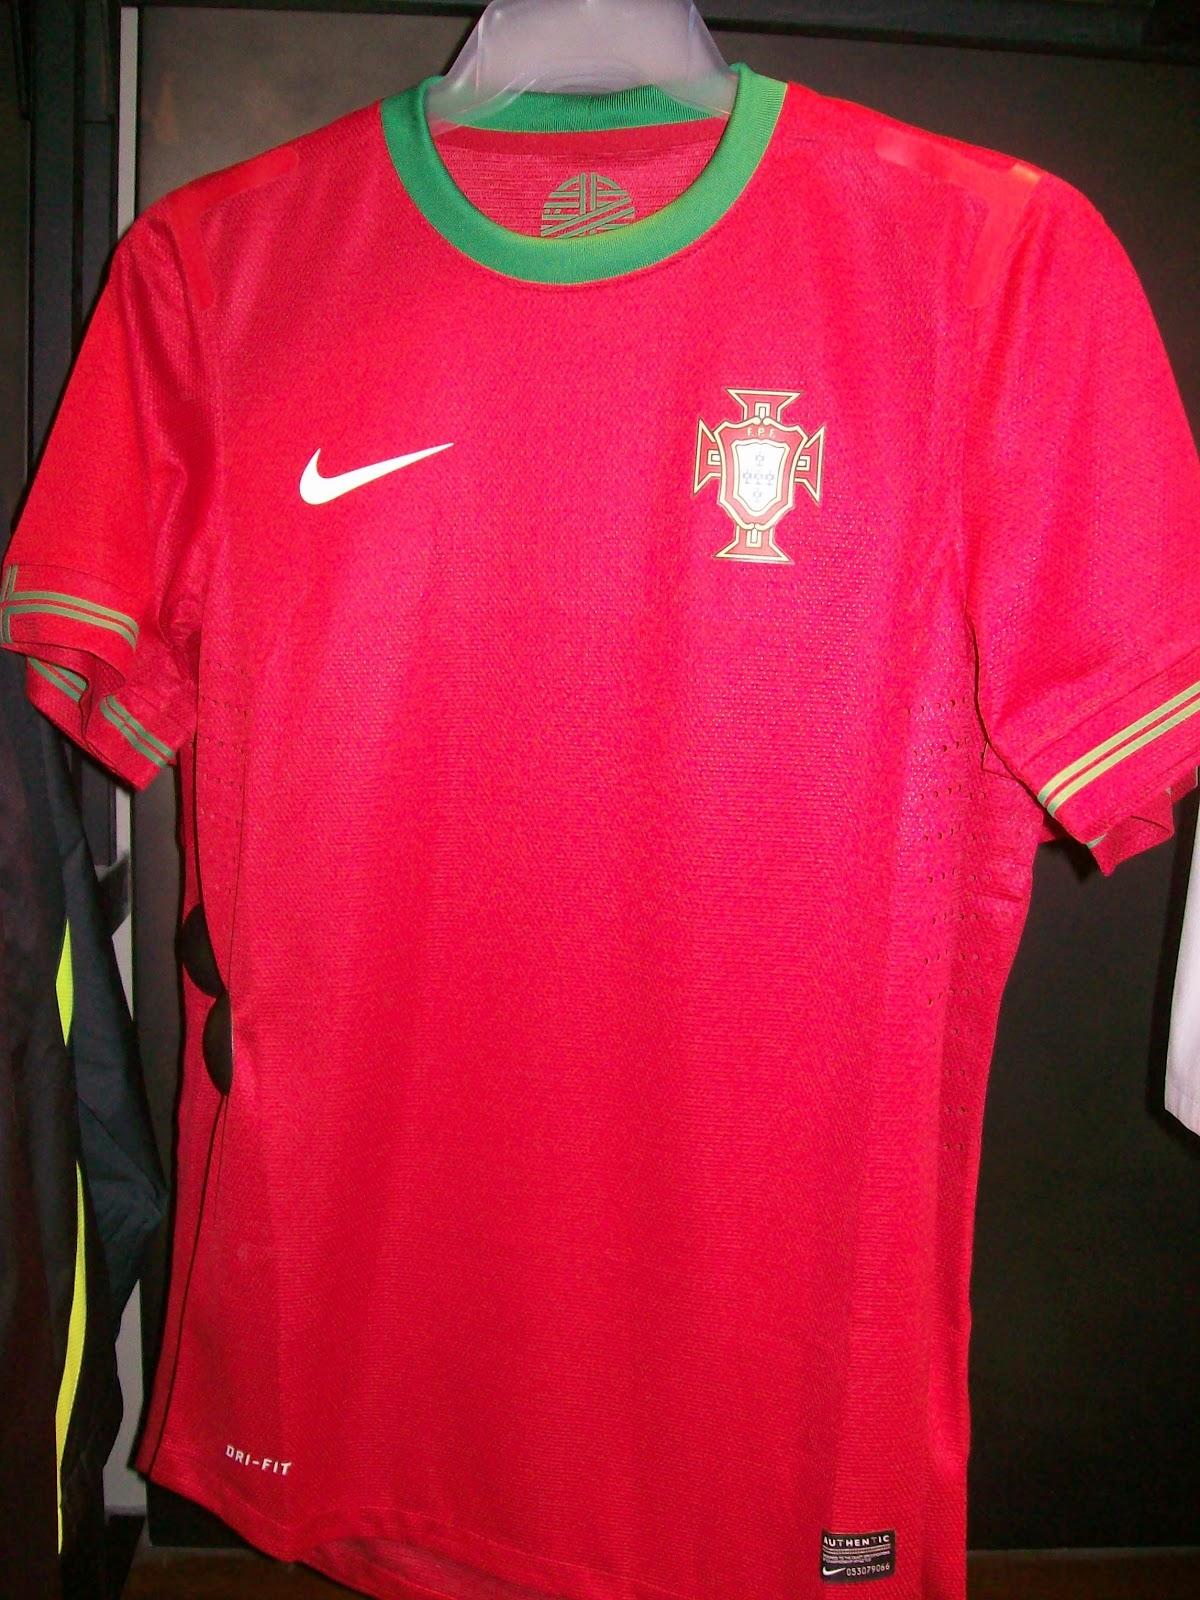 Todos sabem que a Seleção Francesa de Futebol trocou a Adidas pela a Nike  em 2011. Neste ano a camisa está bonita e continua a mesma fc3dc81097ca0